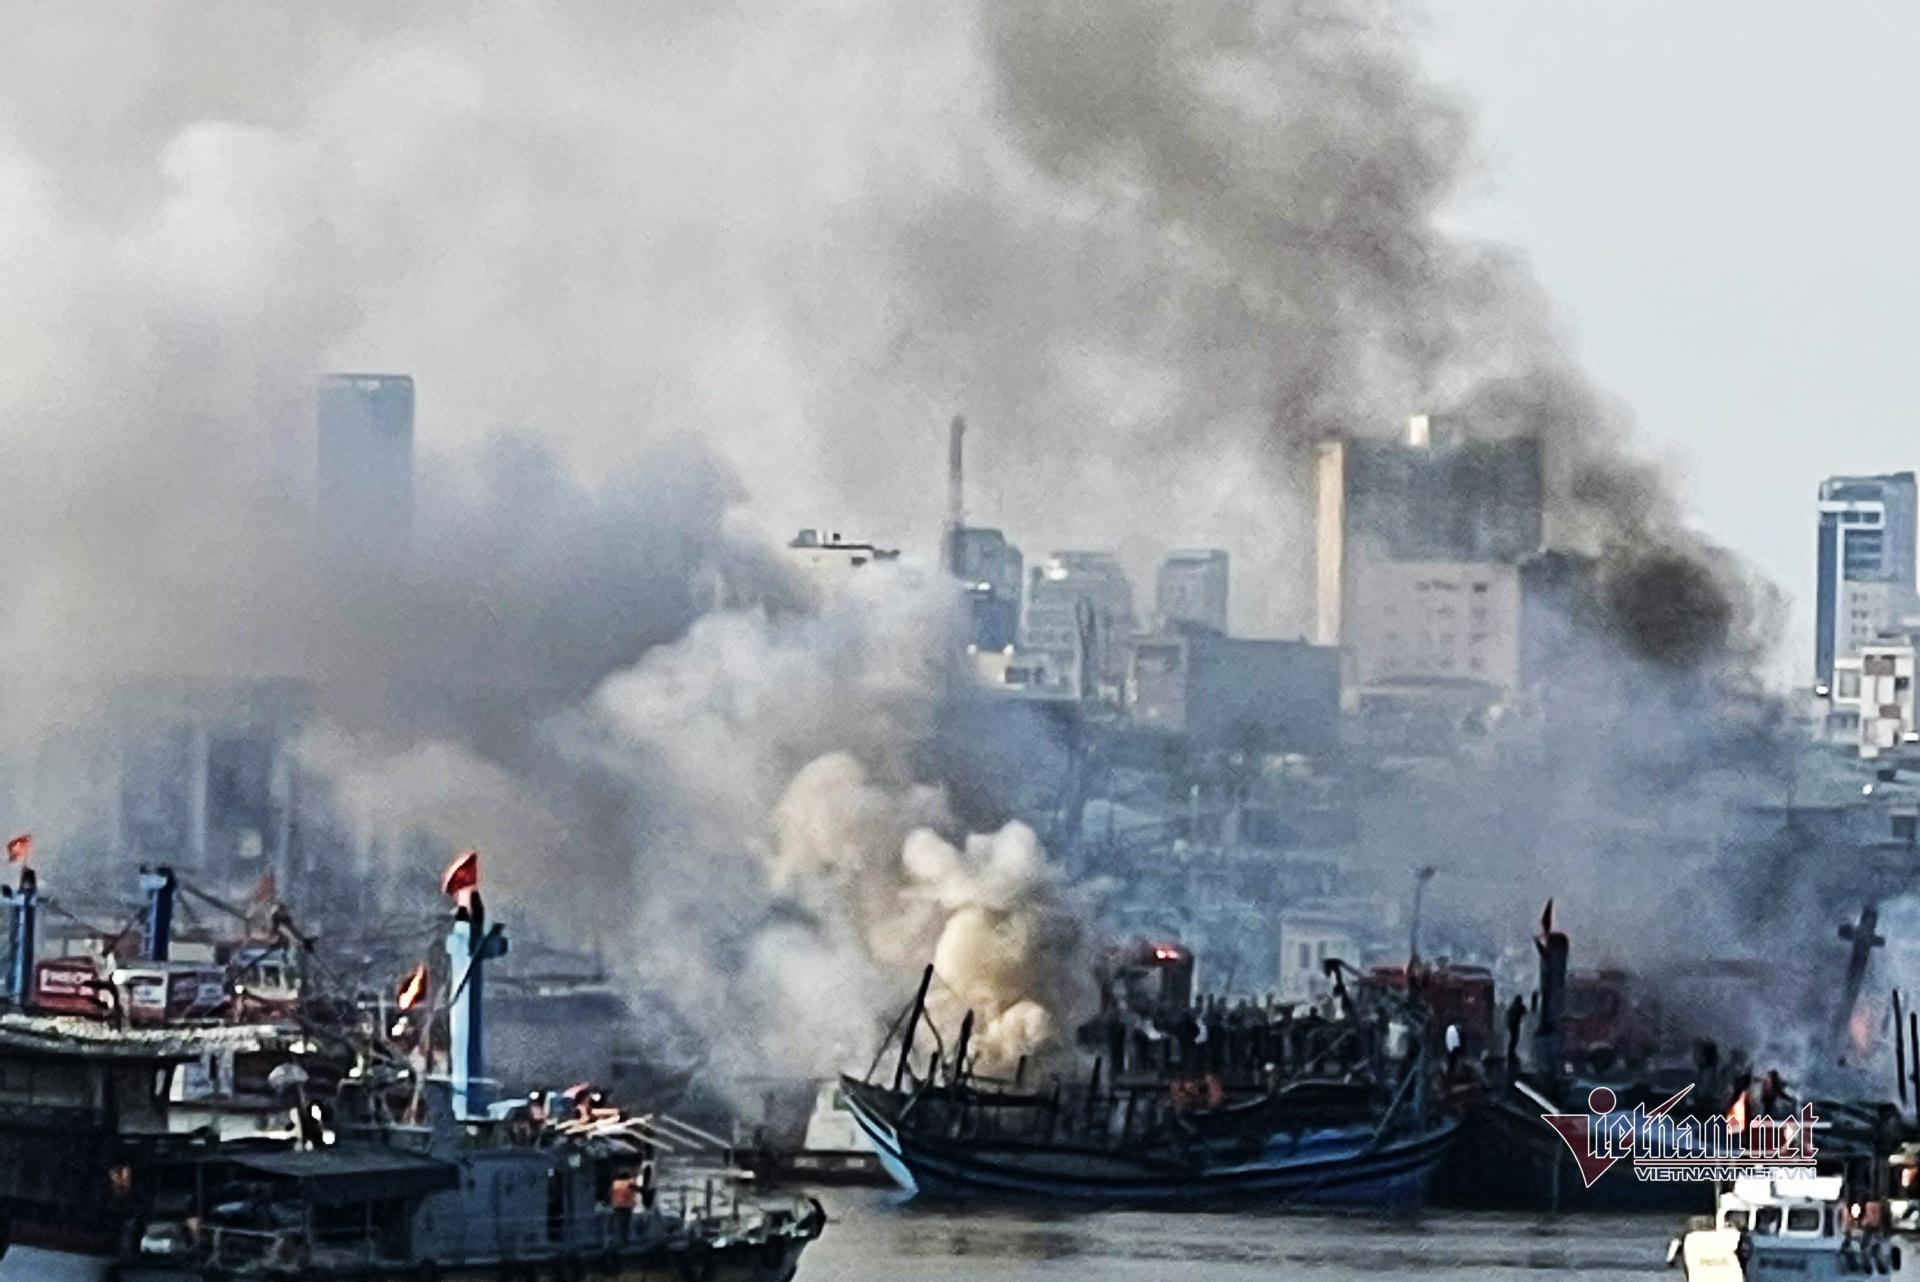 Ba tàu cá tiền tỷ cháy nghi ngút khi đang neo đậu nghỉ Tết ở Đà Nẵng